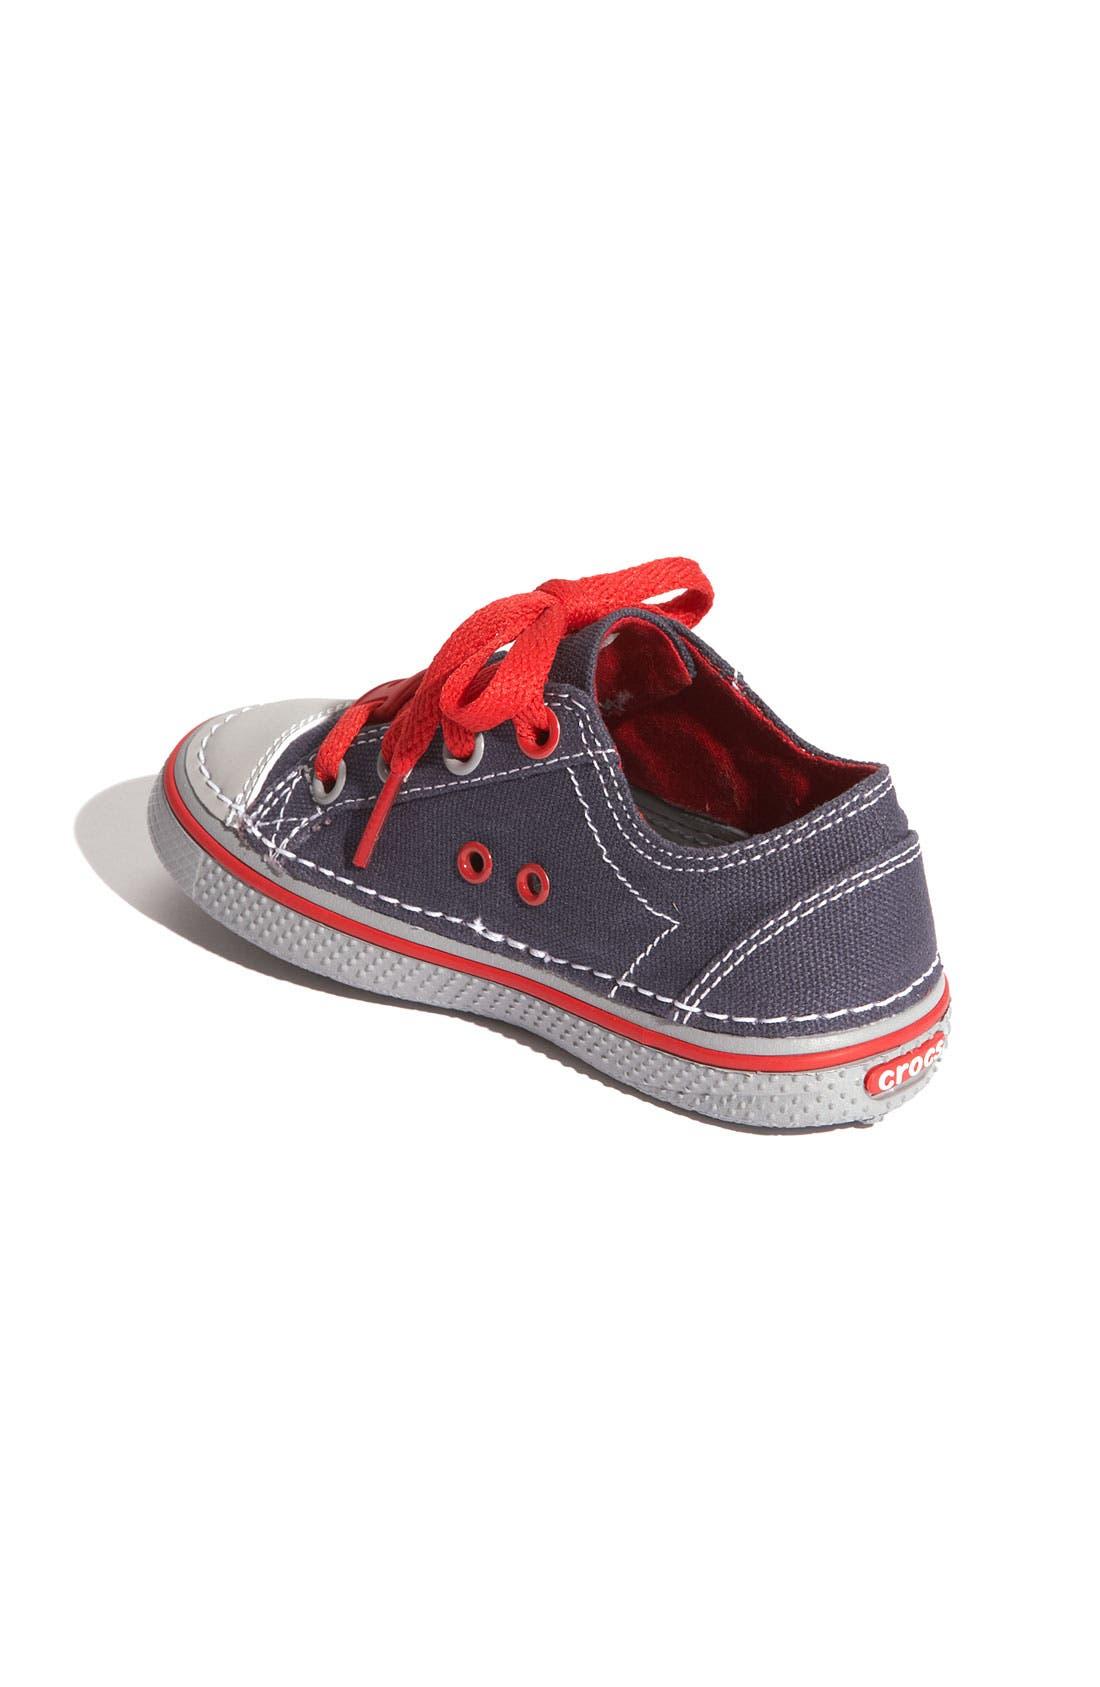 Alternate Image 2  - CROCS™ 'Hover' Sneaker (Toddler, Little Kid & Big Kid)